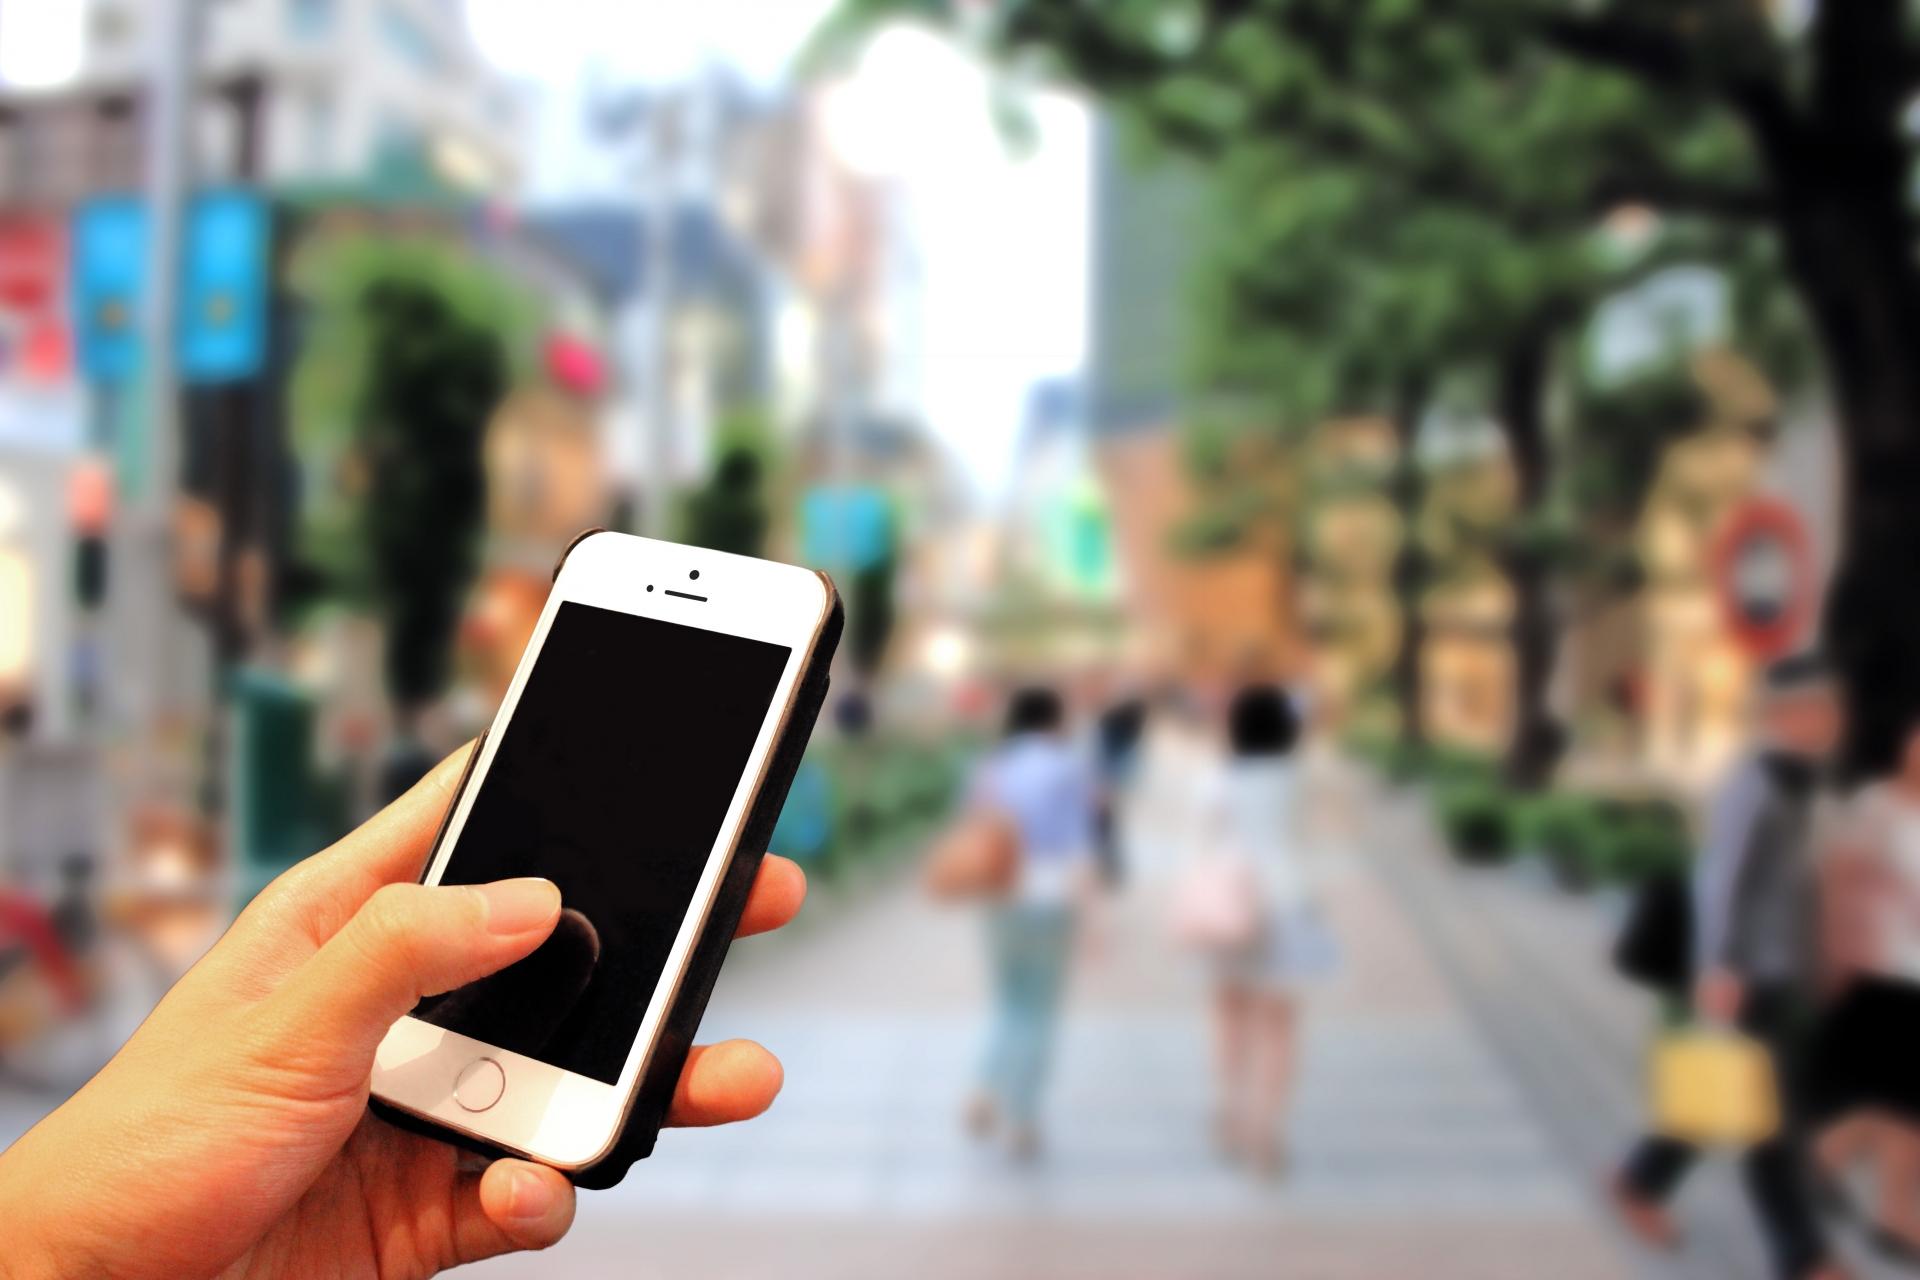 シンガポールデータ Wi-Fiルーターが繋がらなくなったら